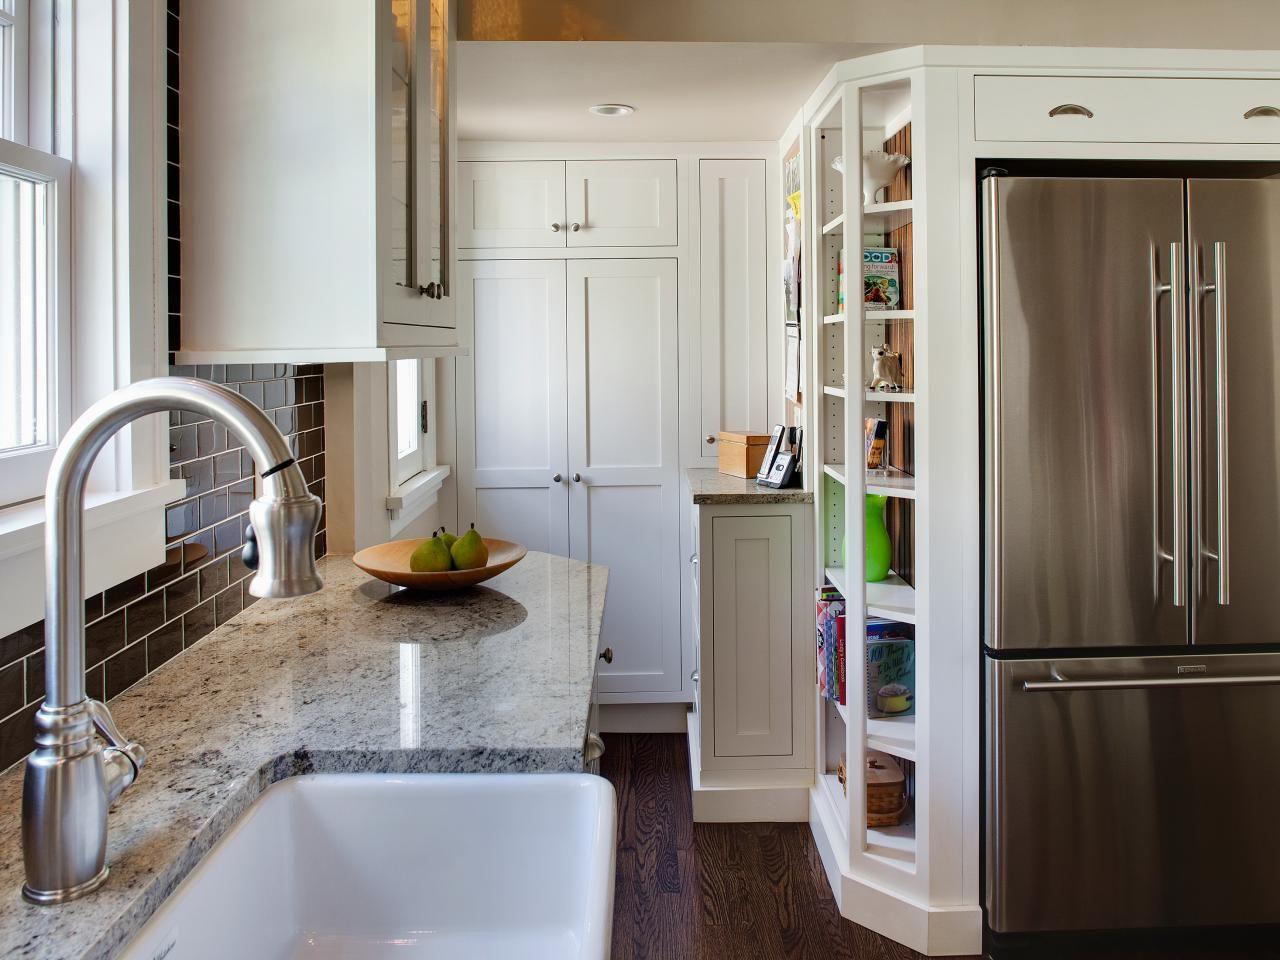 5 Tipps zum Bau kleiner Küche Remodeling Ideen auf ein Budget ...